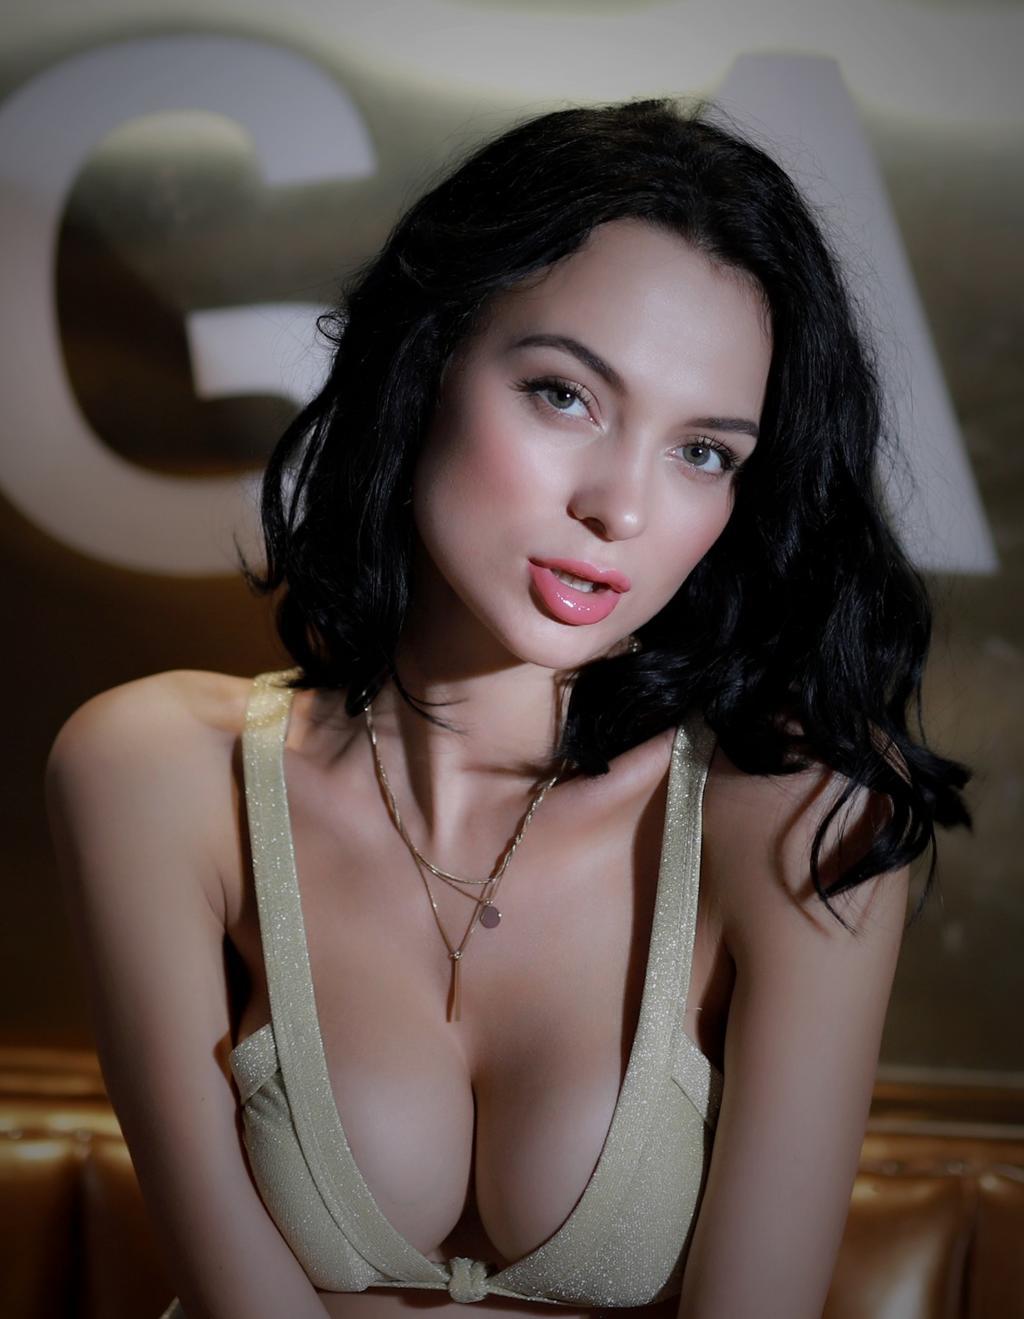 酒店卫生间里我征服了她 极品美妇从此就成为了我的情人